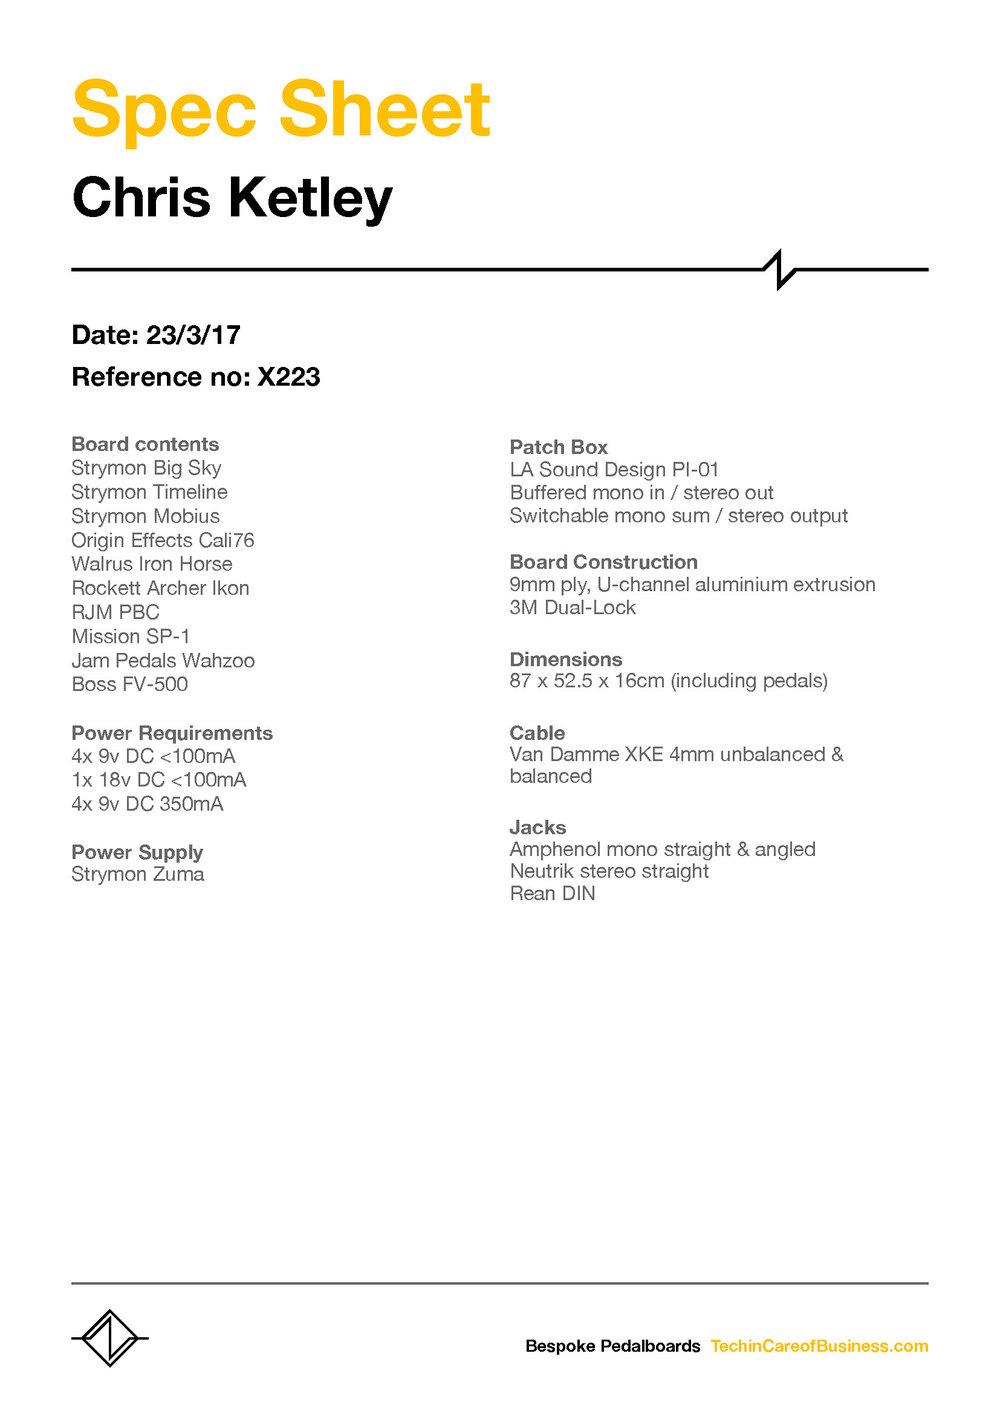 CK Spec sheet.jpg